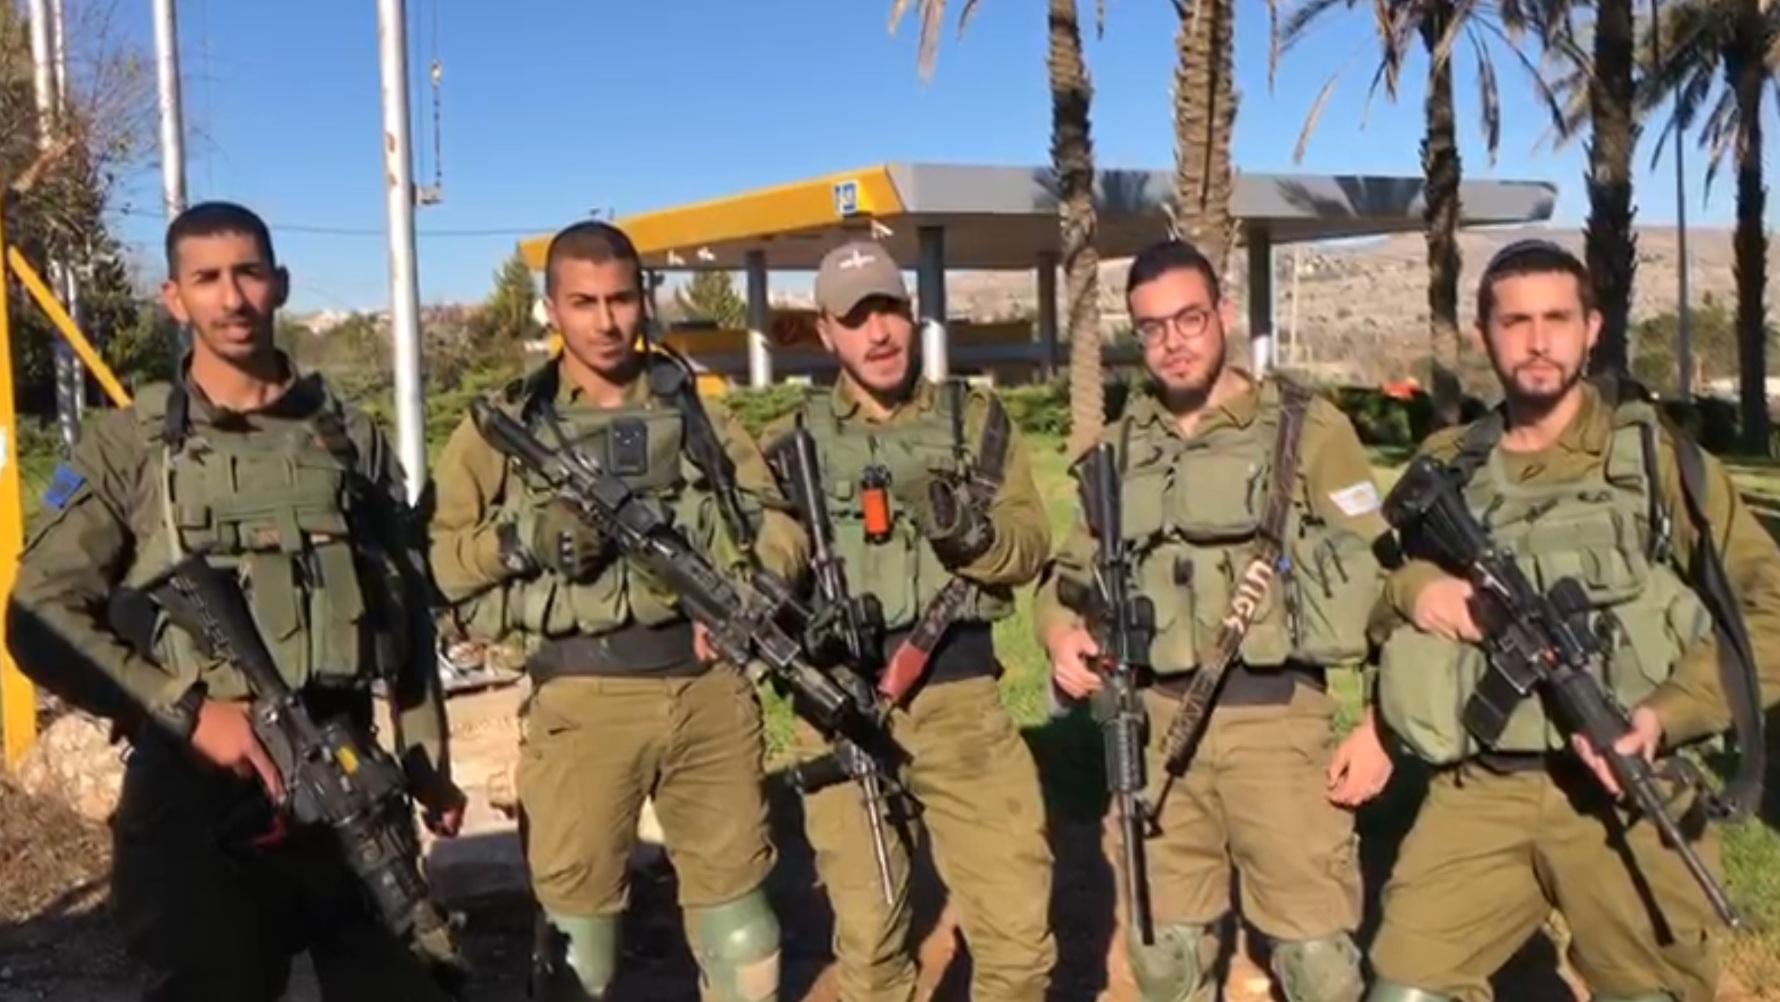 """צפו: לוחמי """"נצח יהודה"""" ששילמו השבוע מחיר כבד במלחמה בטרור מאחלים שבת שלום לעם ישראל"""